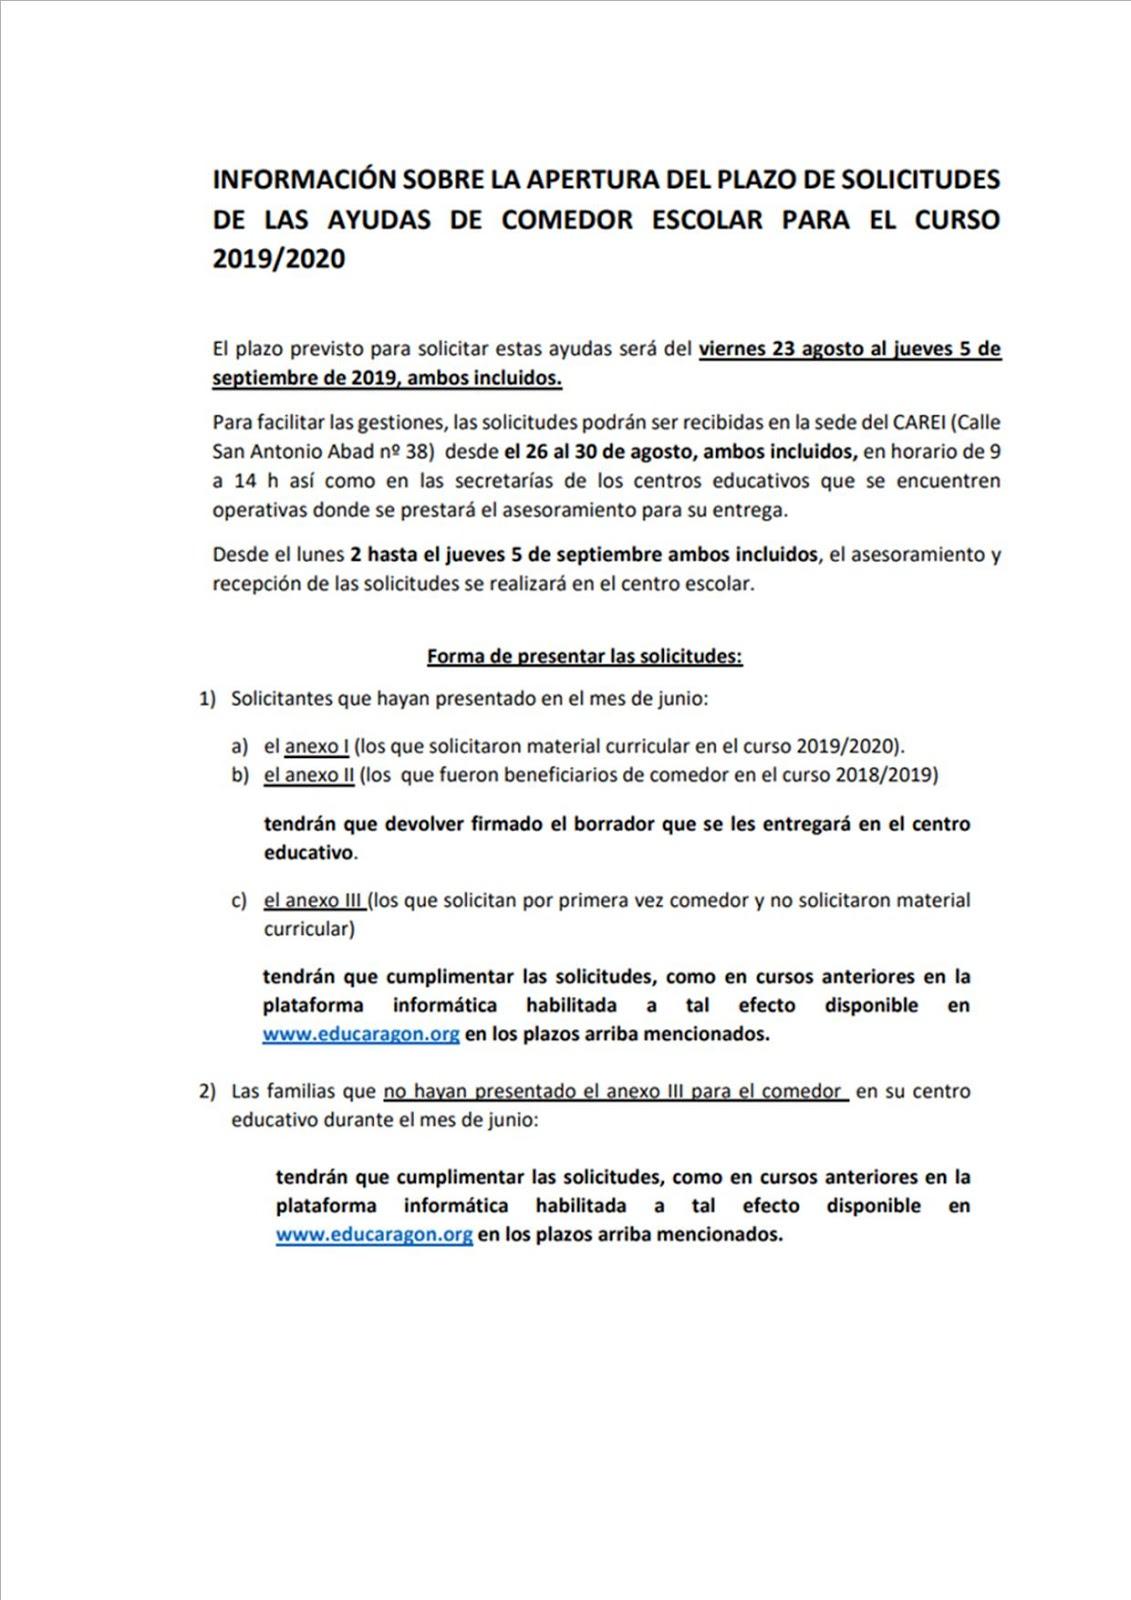 Educaragon Calendario Escolar 2020.C E I P Candido Domingo Zaragoza